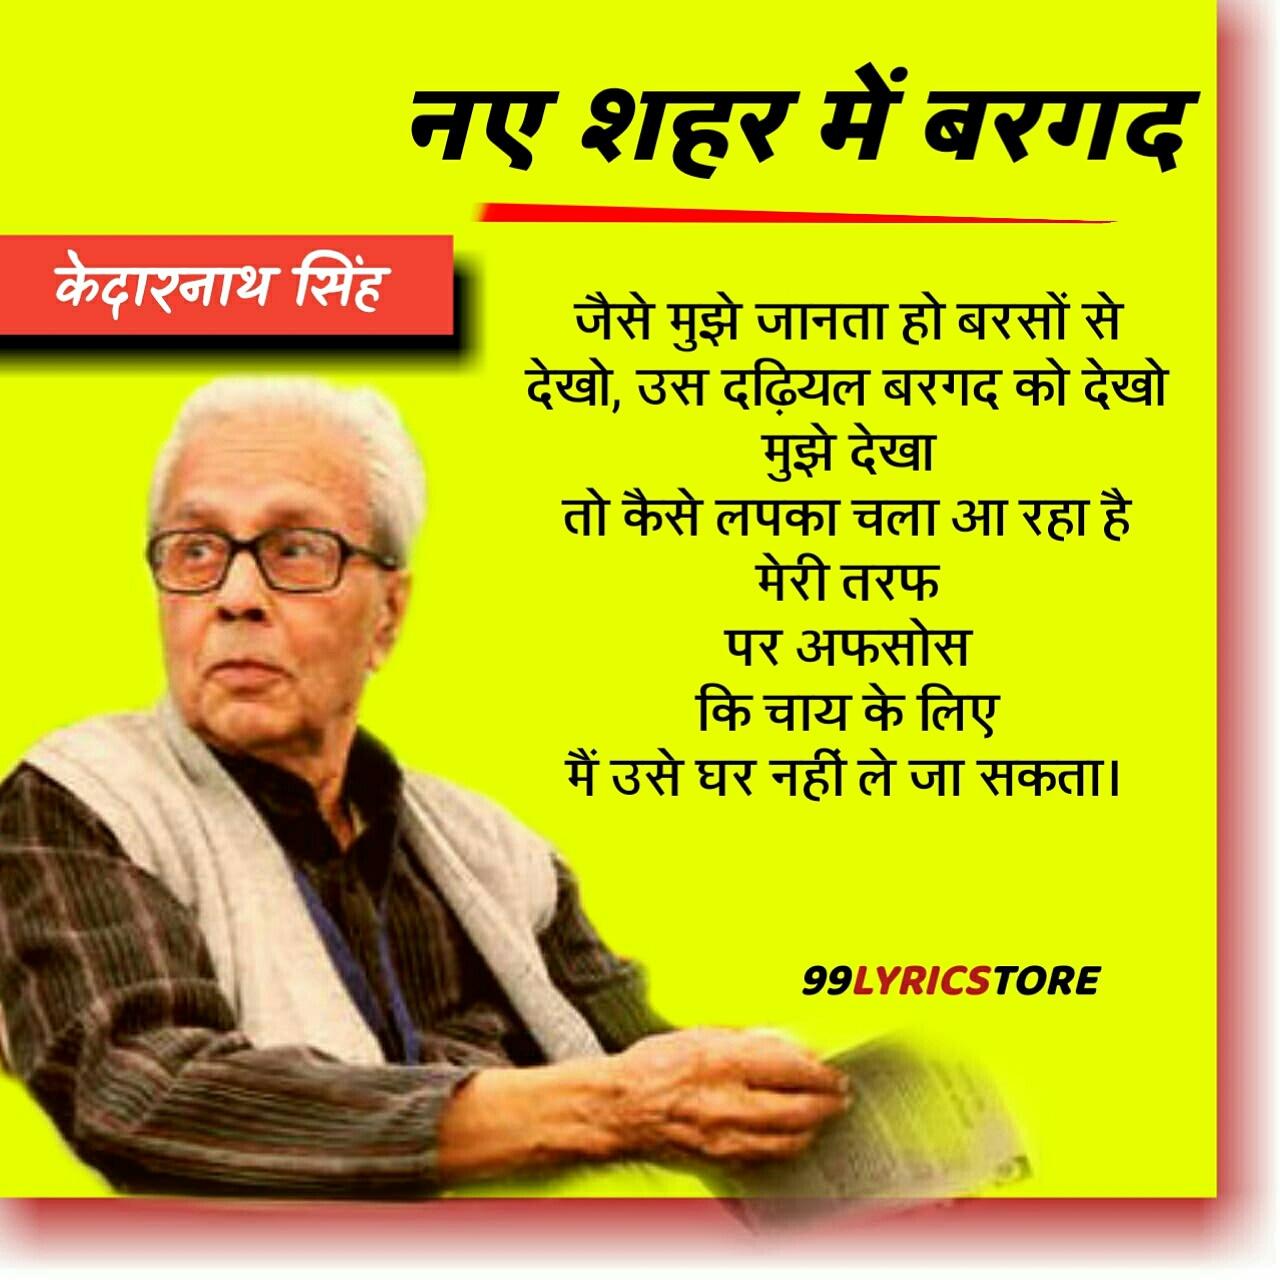 'नए शहर में बरगद' कविता केदारनाथ सिंह जी द्वारा लिखी गई एक हिन्दी कविता है।